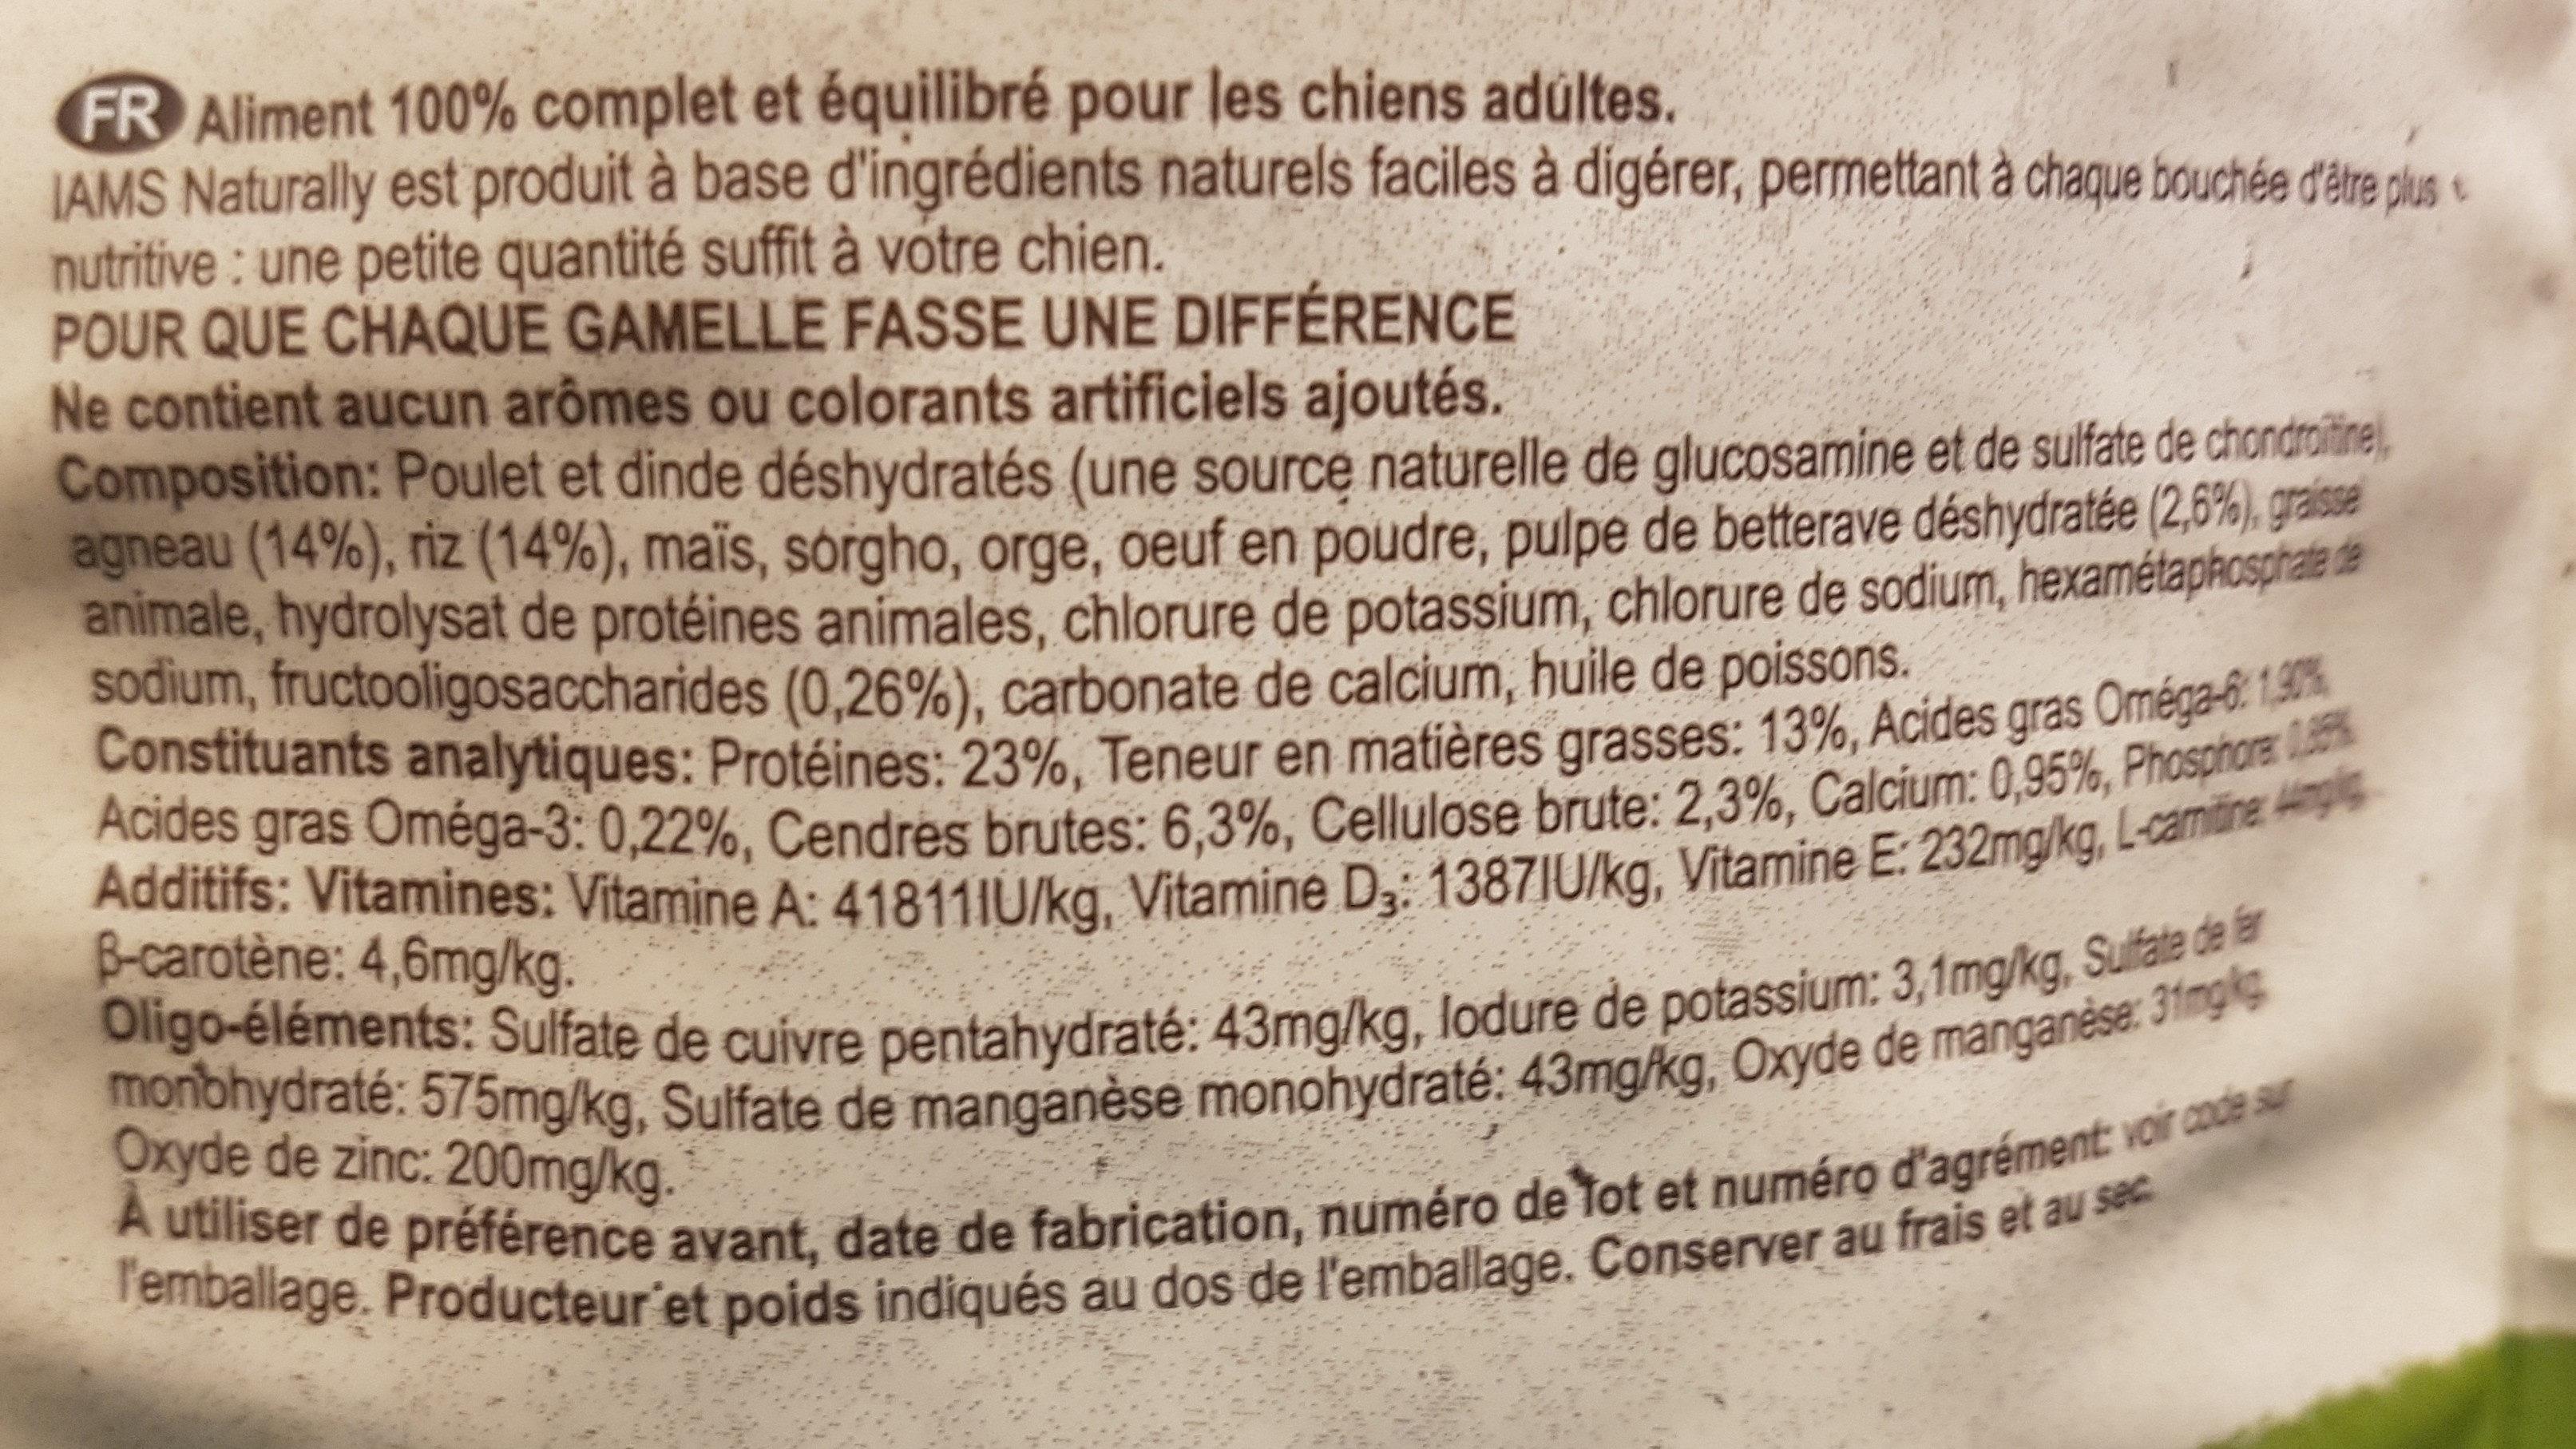 IAMS NATURALLY - Ingredients - en